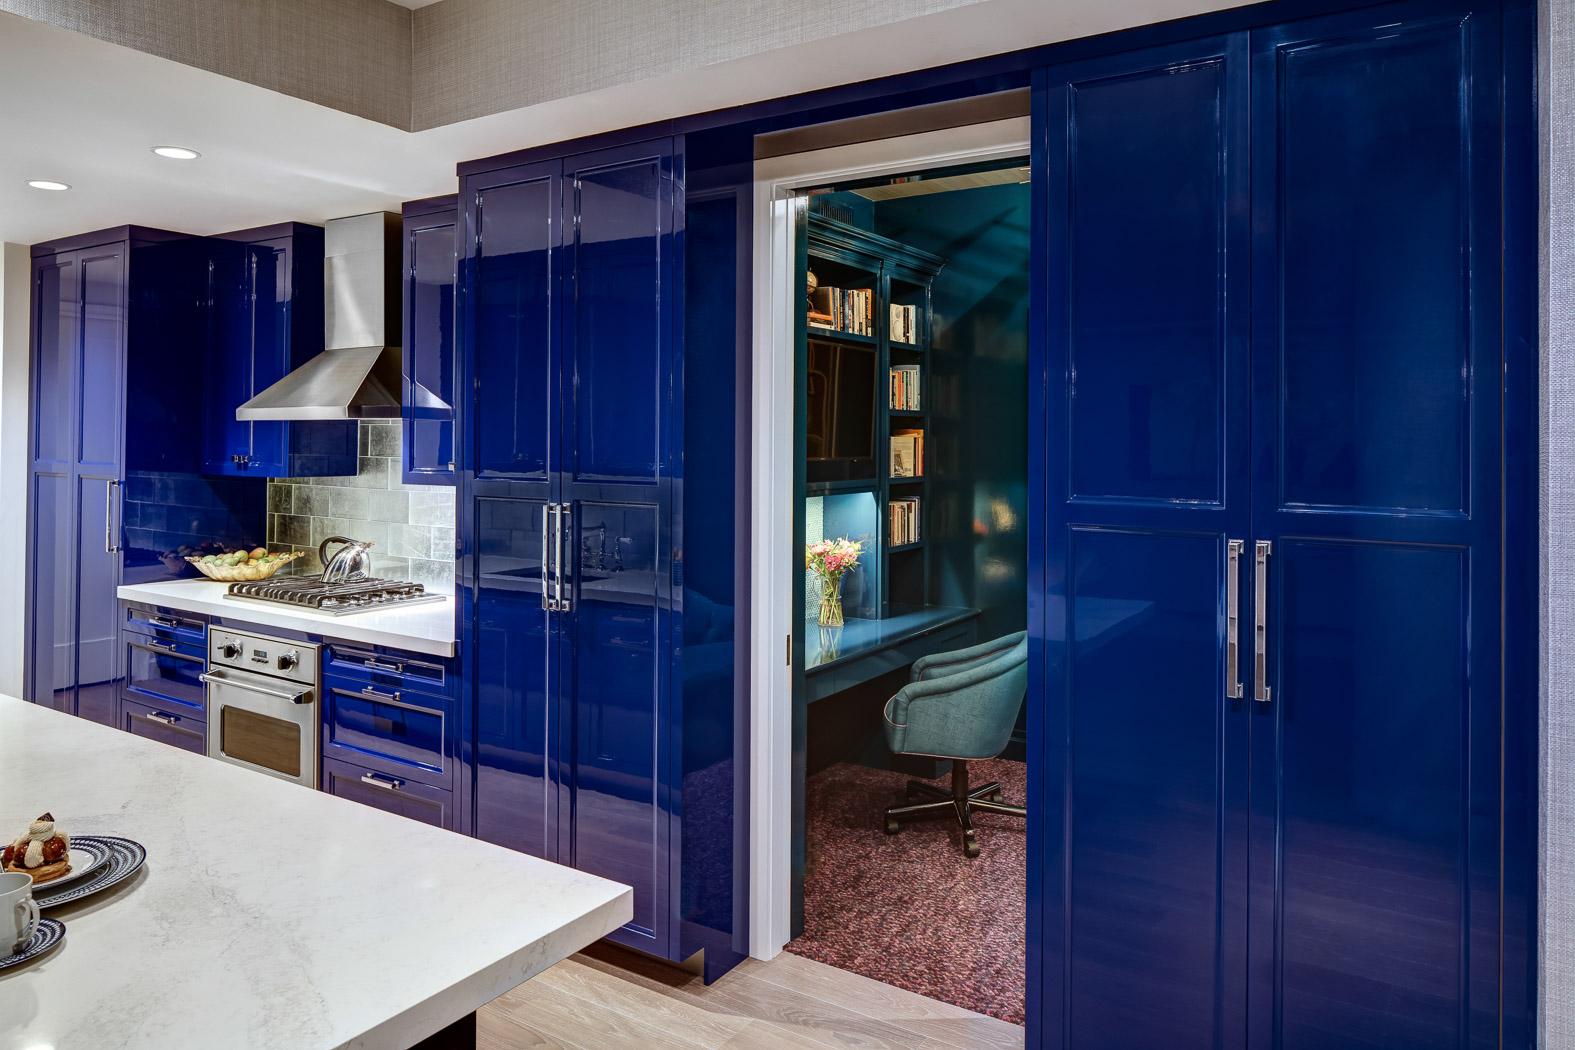 Townhouse Kitchens Inc - Geyerhahn Kitchen